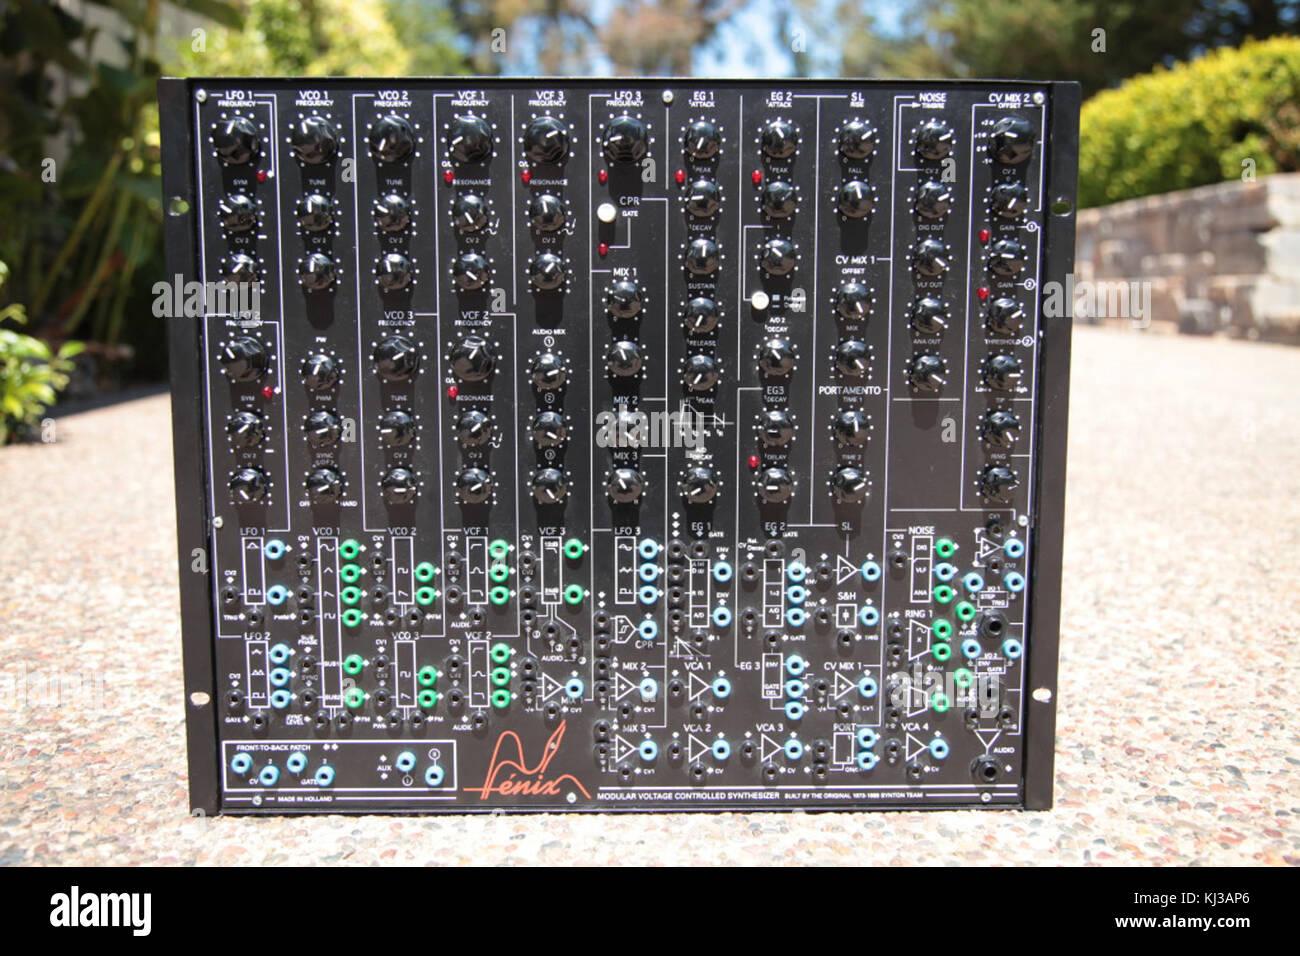 Fenix I synthesiser - Stock Image